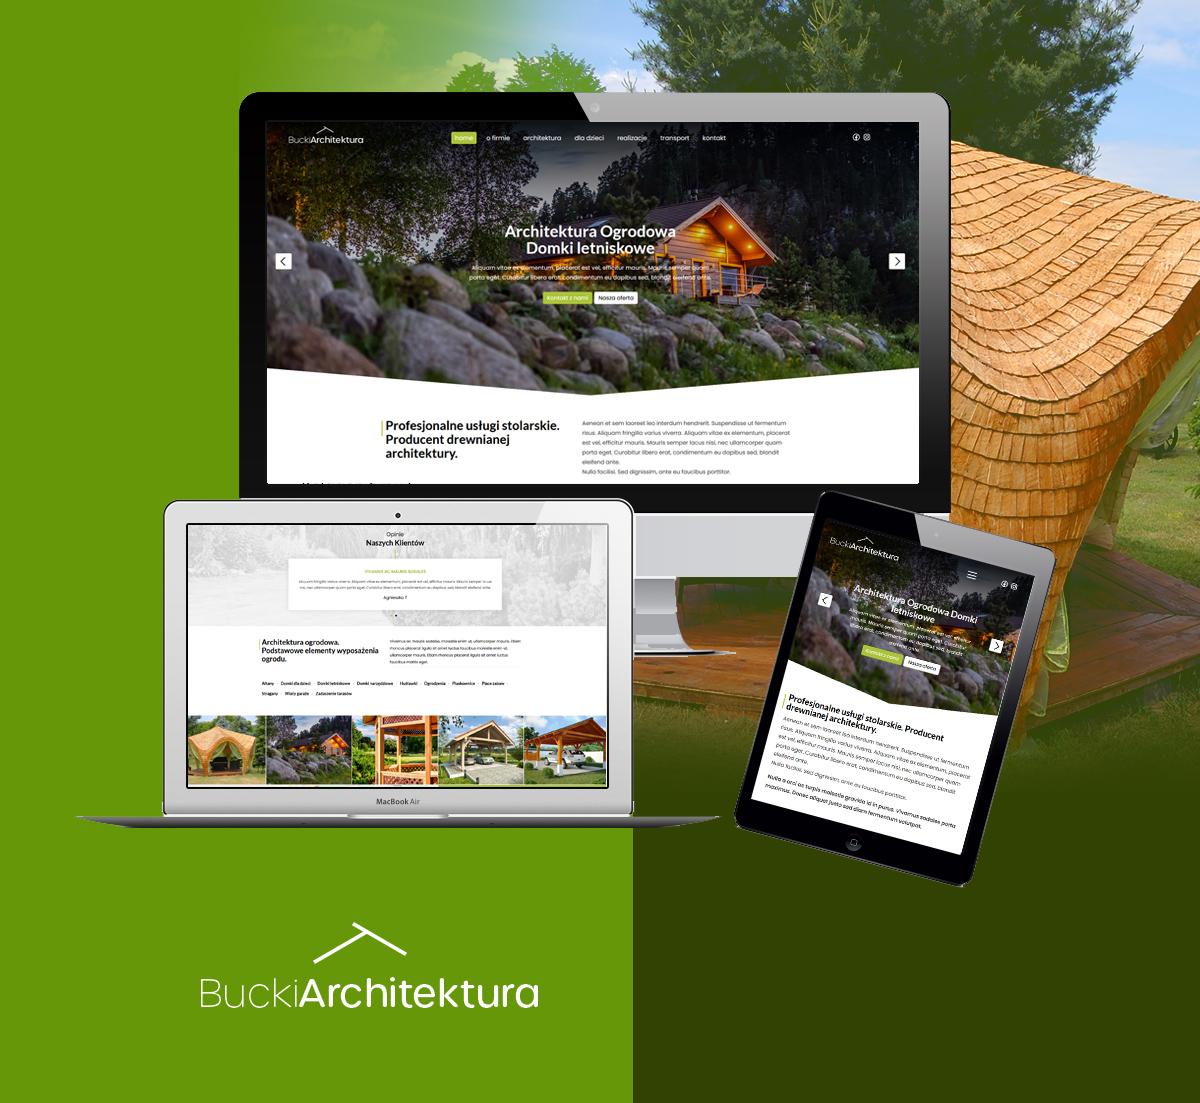 strona www architektura ogrodowa